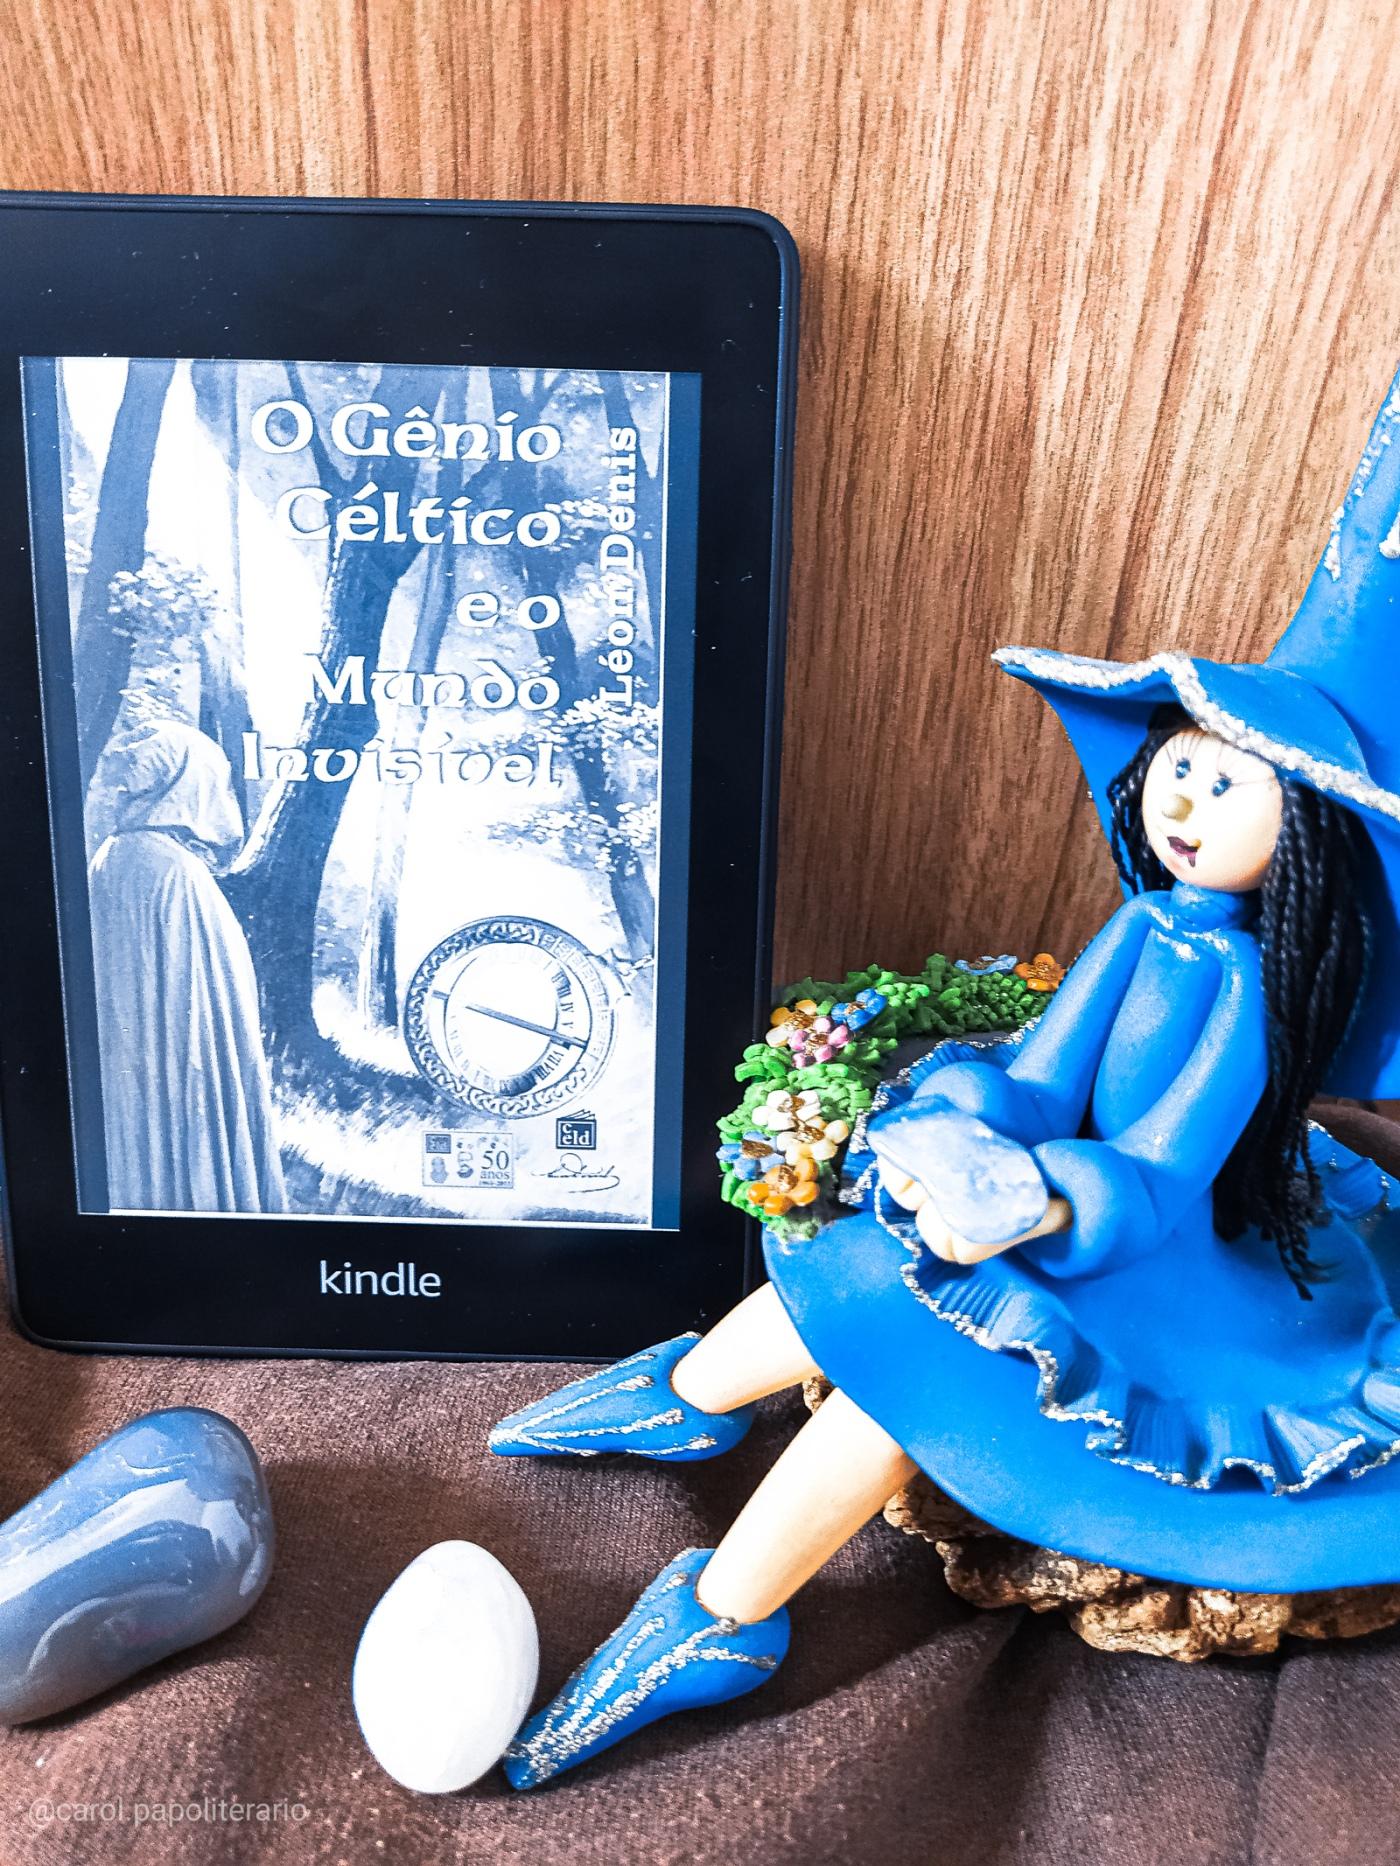 Capa do livro O Gênio Céltico e o Mundo Invisível na versão eBook, no Kindle, ao lado de uma boneca representando Morgana e alguns cristais.